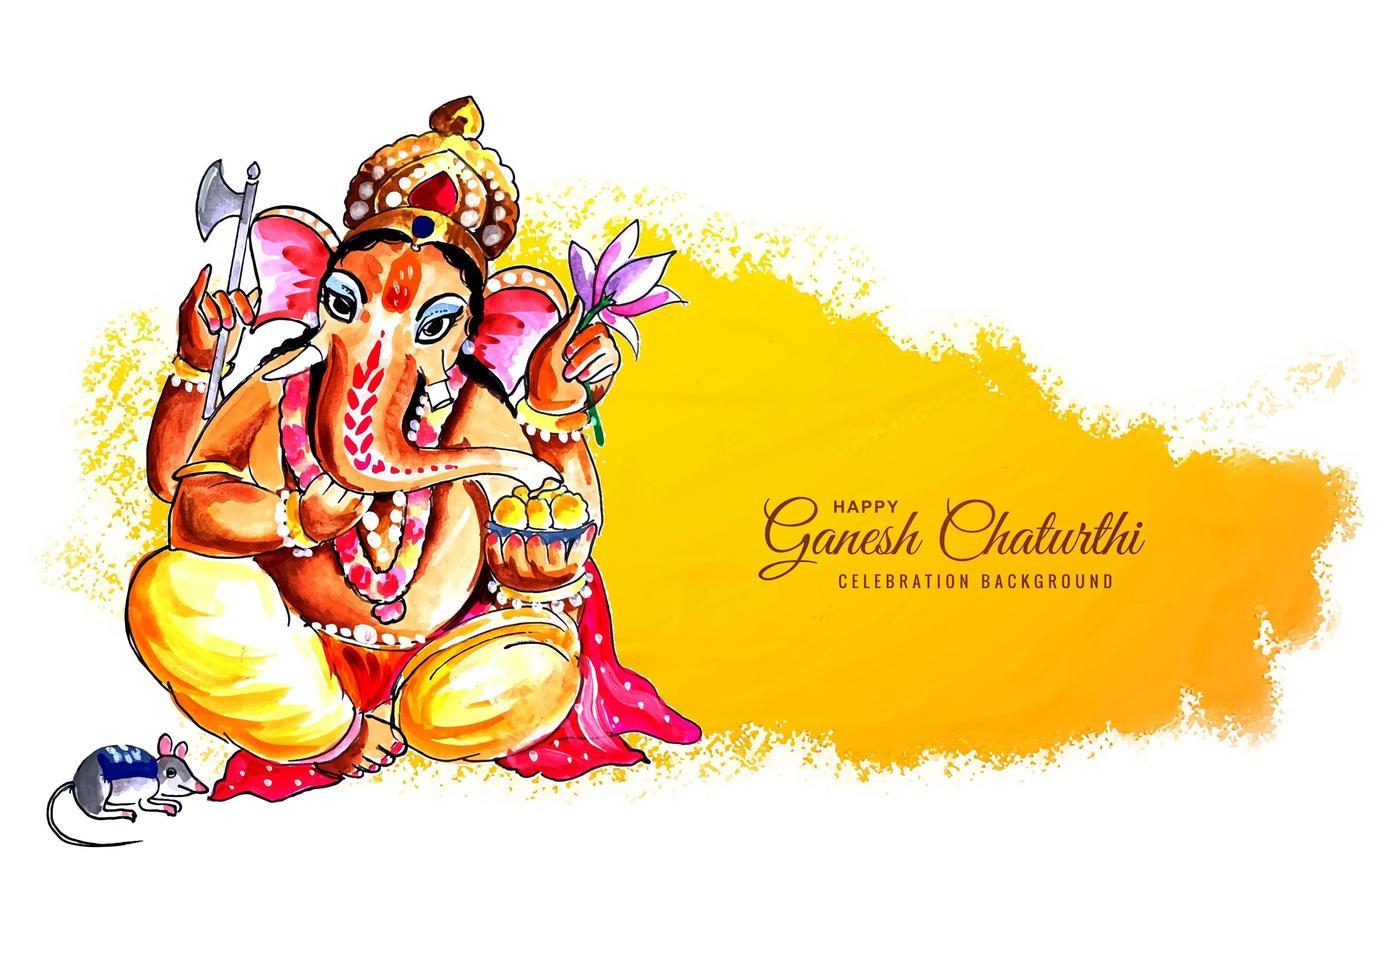 joyeux ganesh chaturthi pour fond de festival indien vecteur